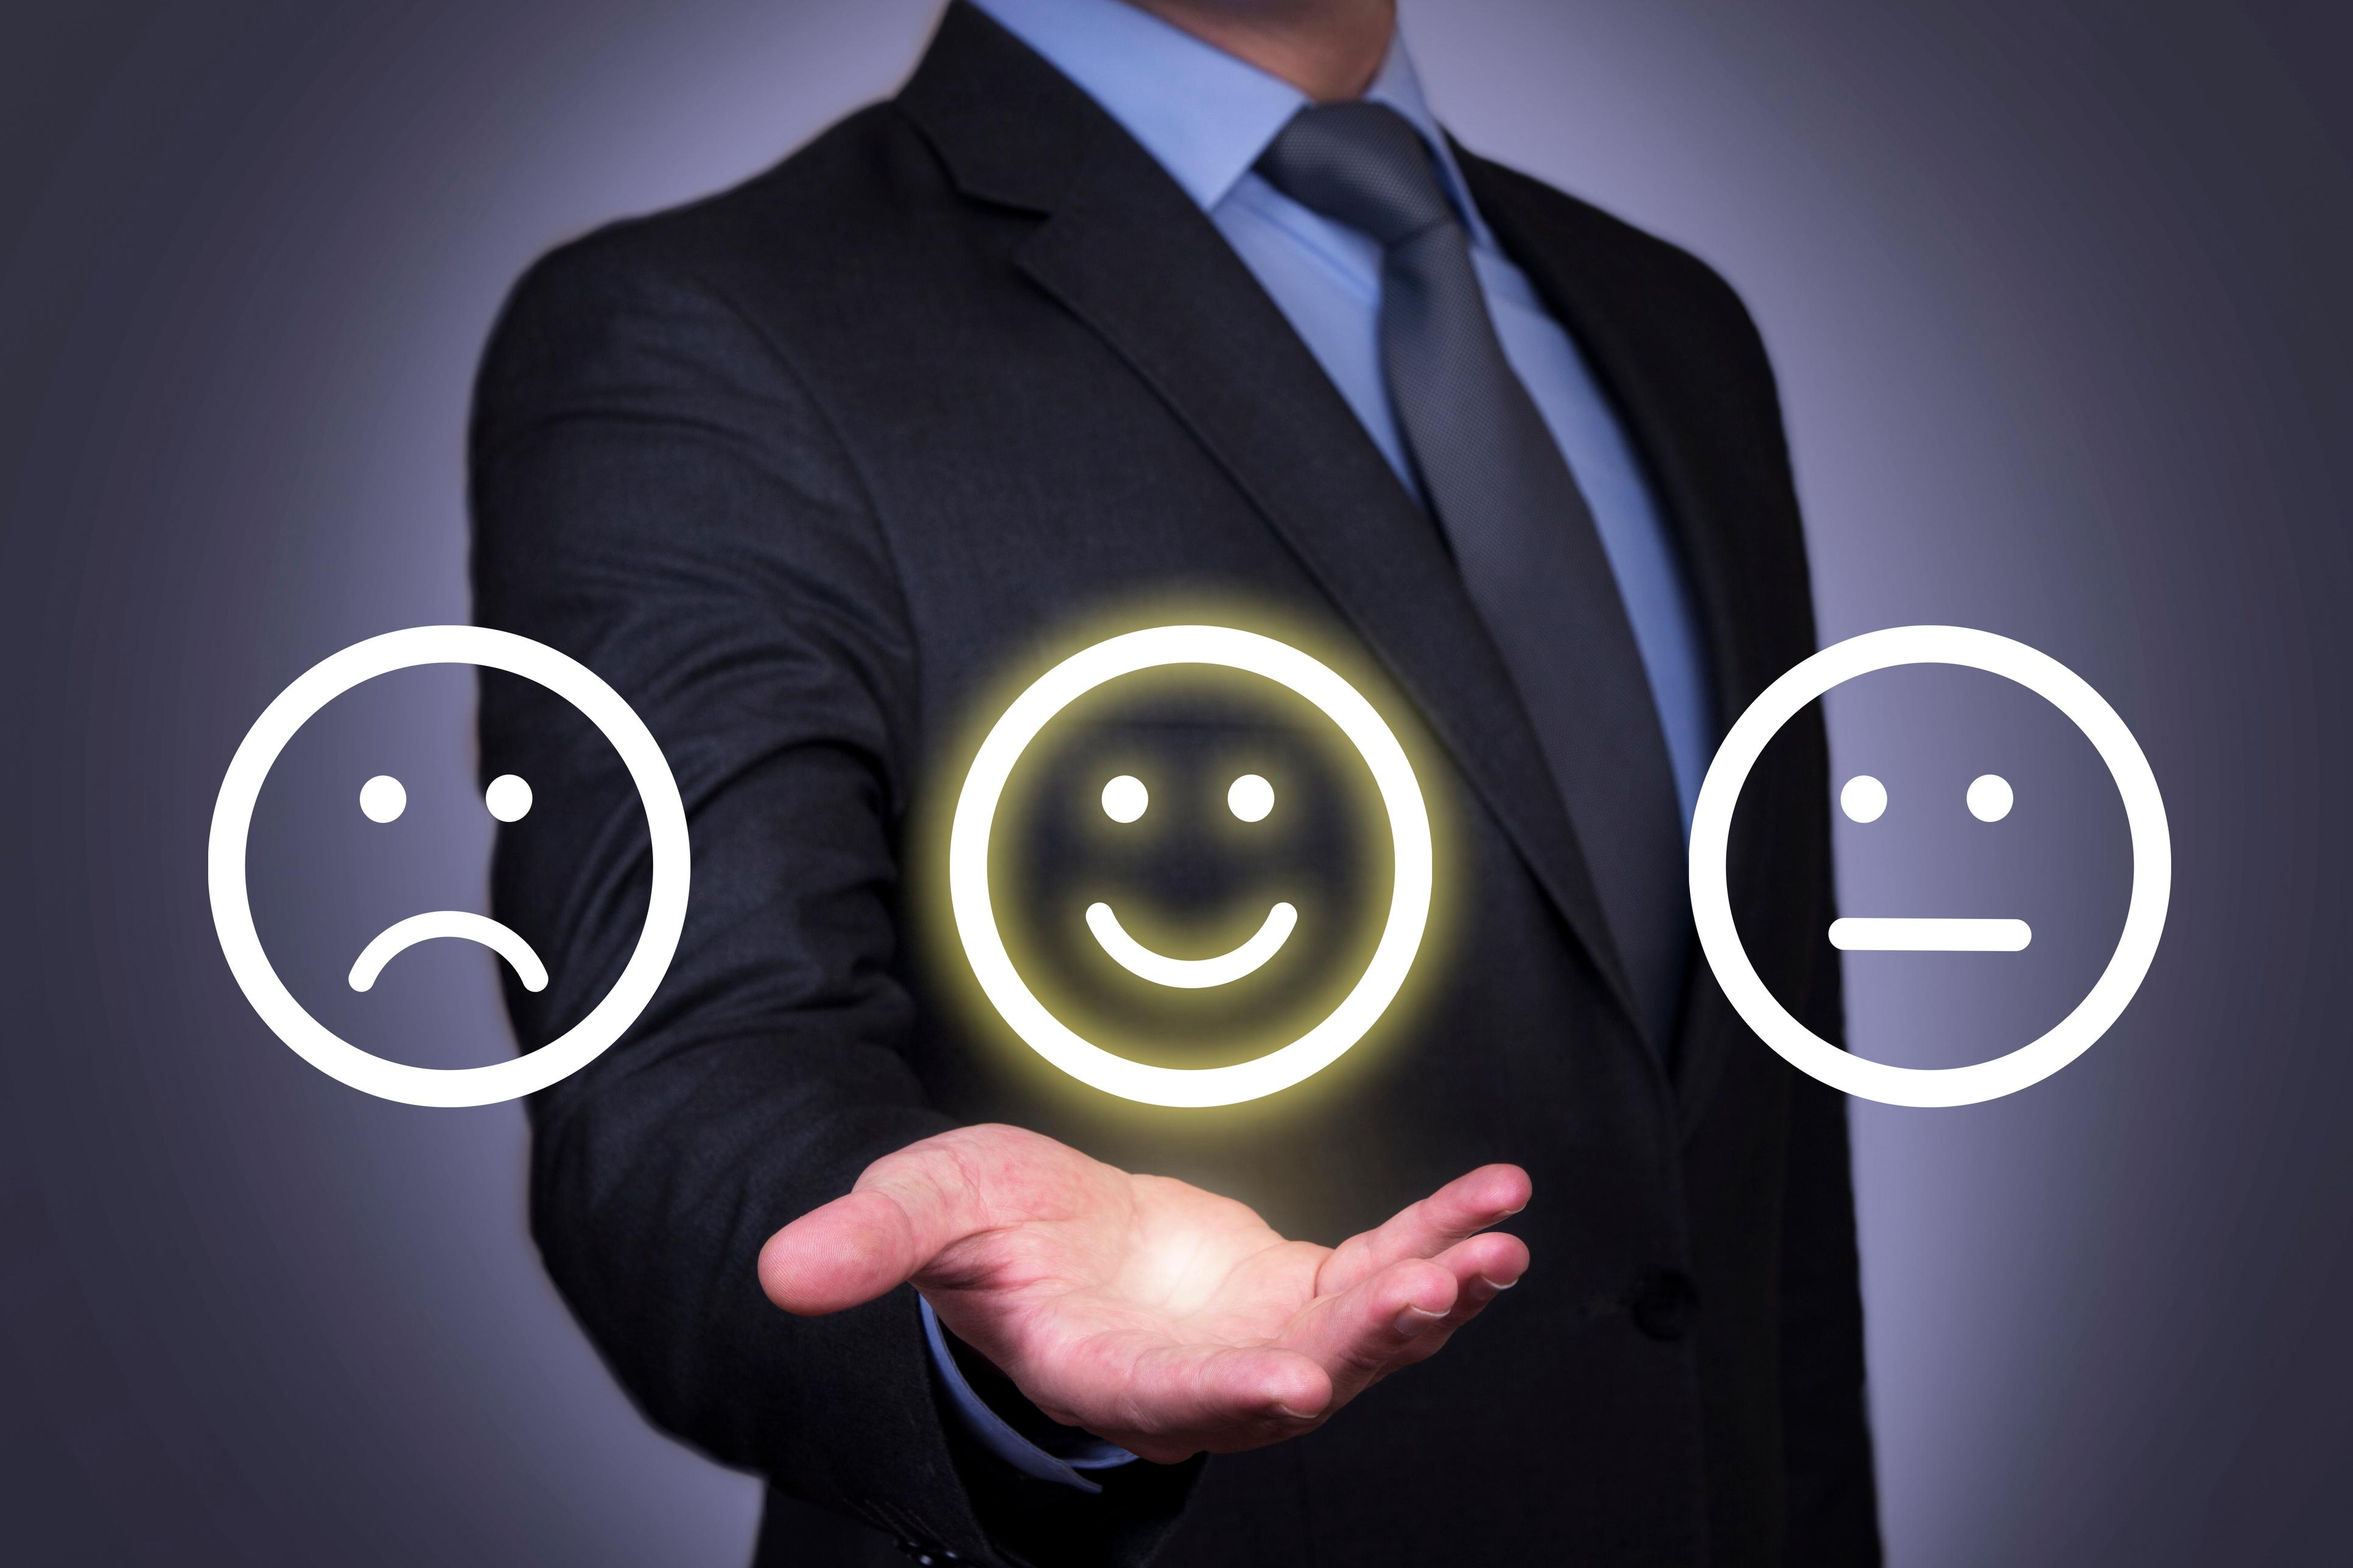 چند نکتهی کلیدی از مشتریان که هر مدیری باید بداند